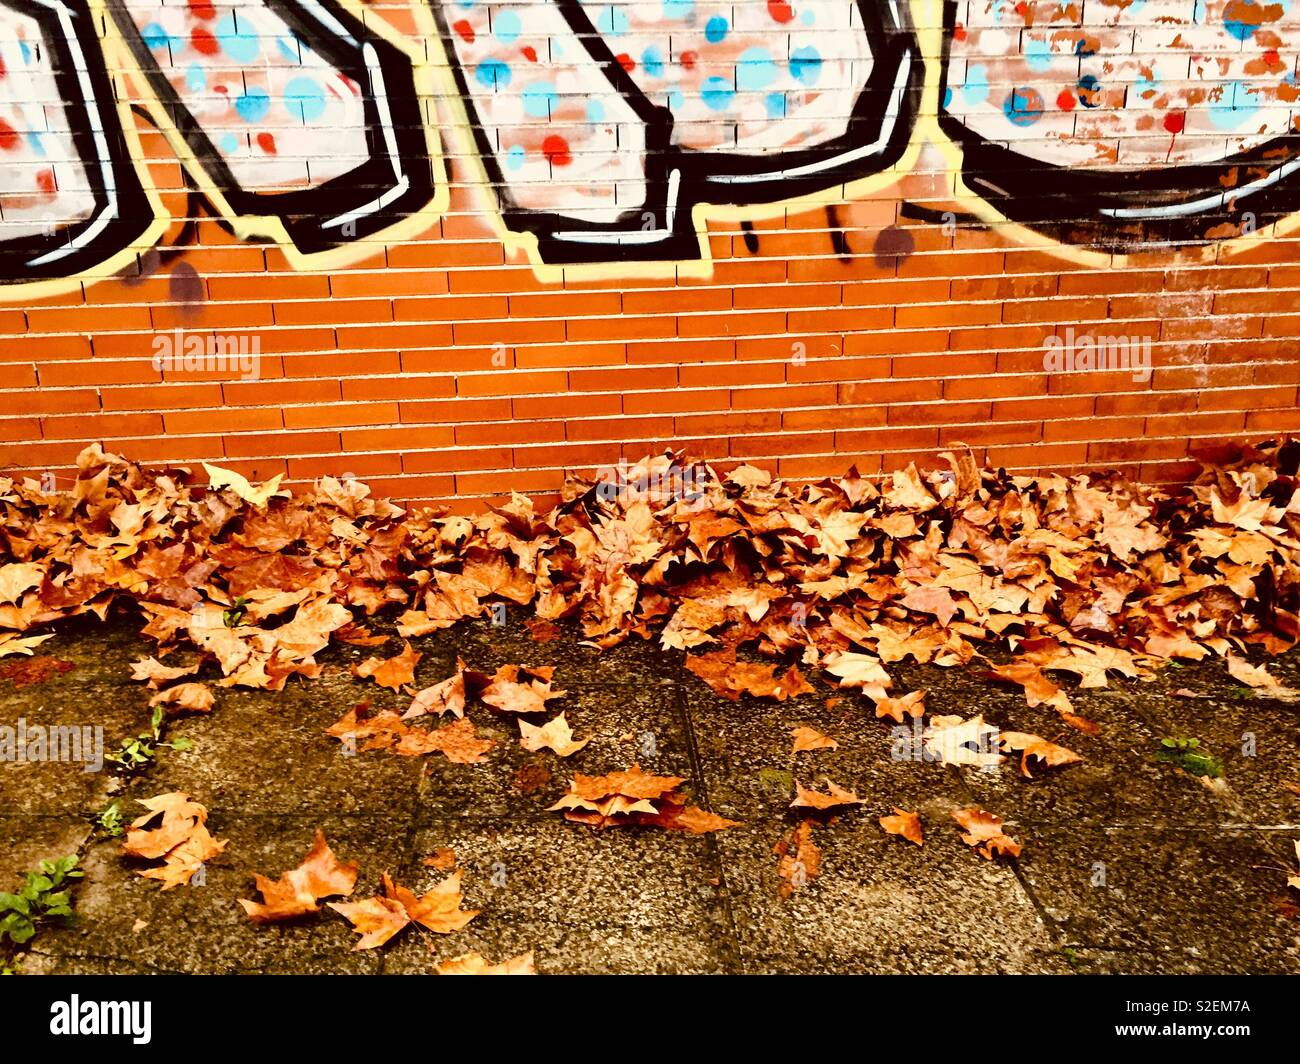 Secar las hojas de otoño en un muro con un graffiti Imagen De Stock